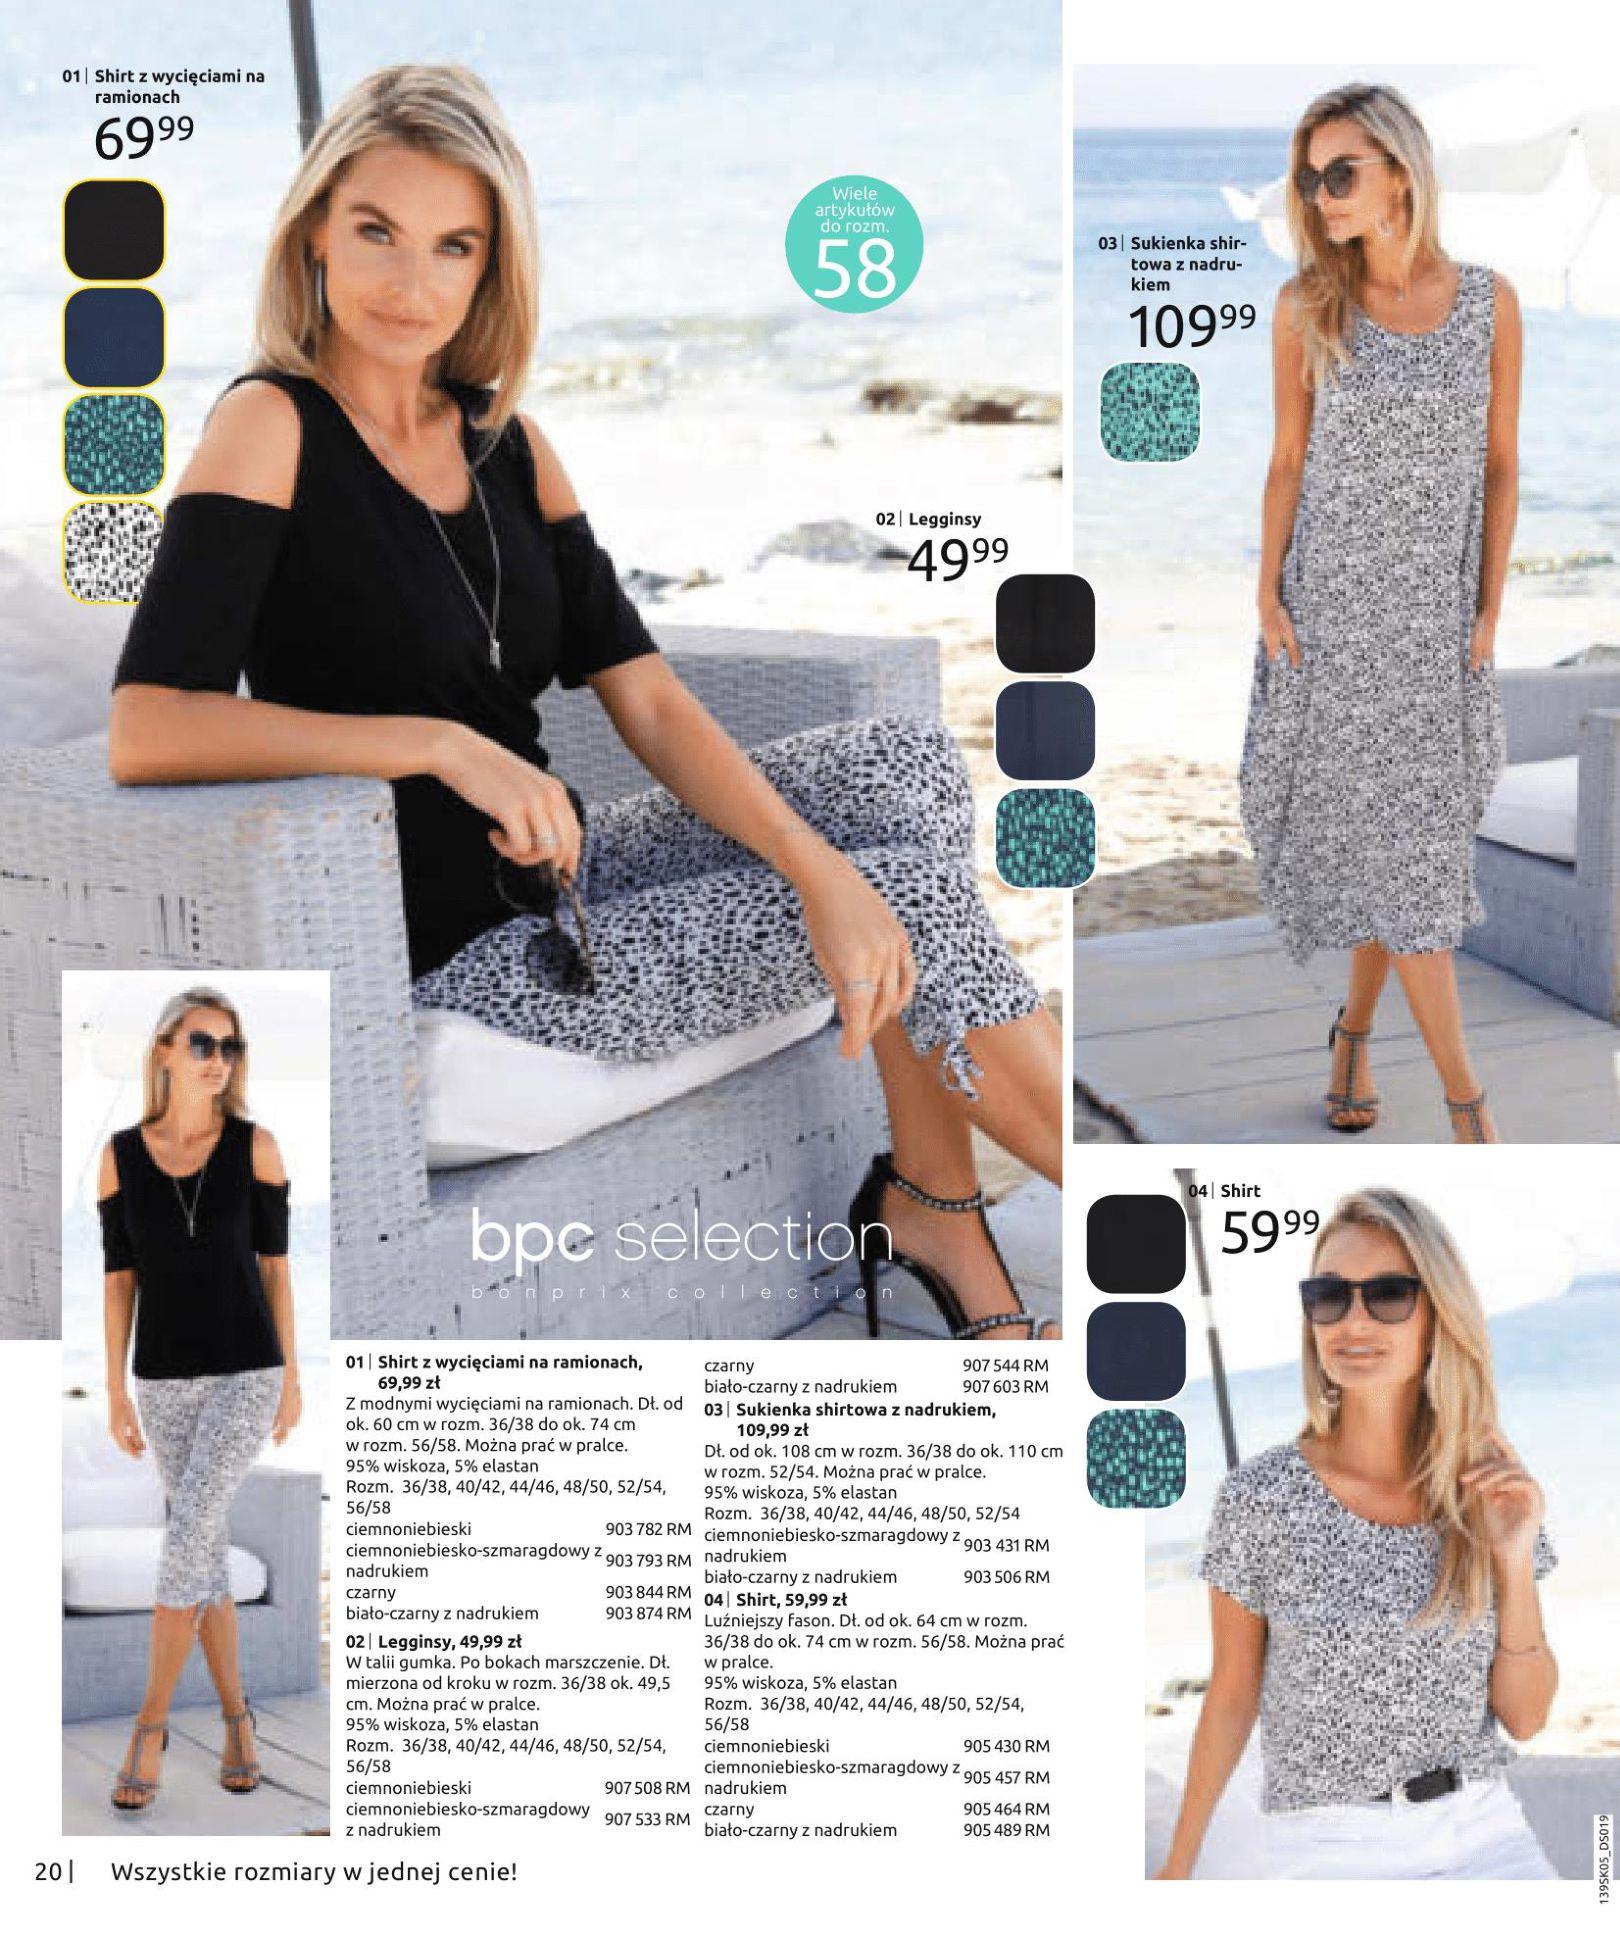 Gazetka Bonprix - Nadchodzi lato!-02.07.2019-20.11.2019-page-22